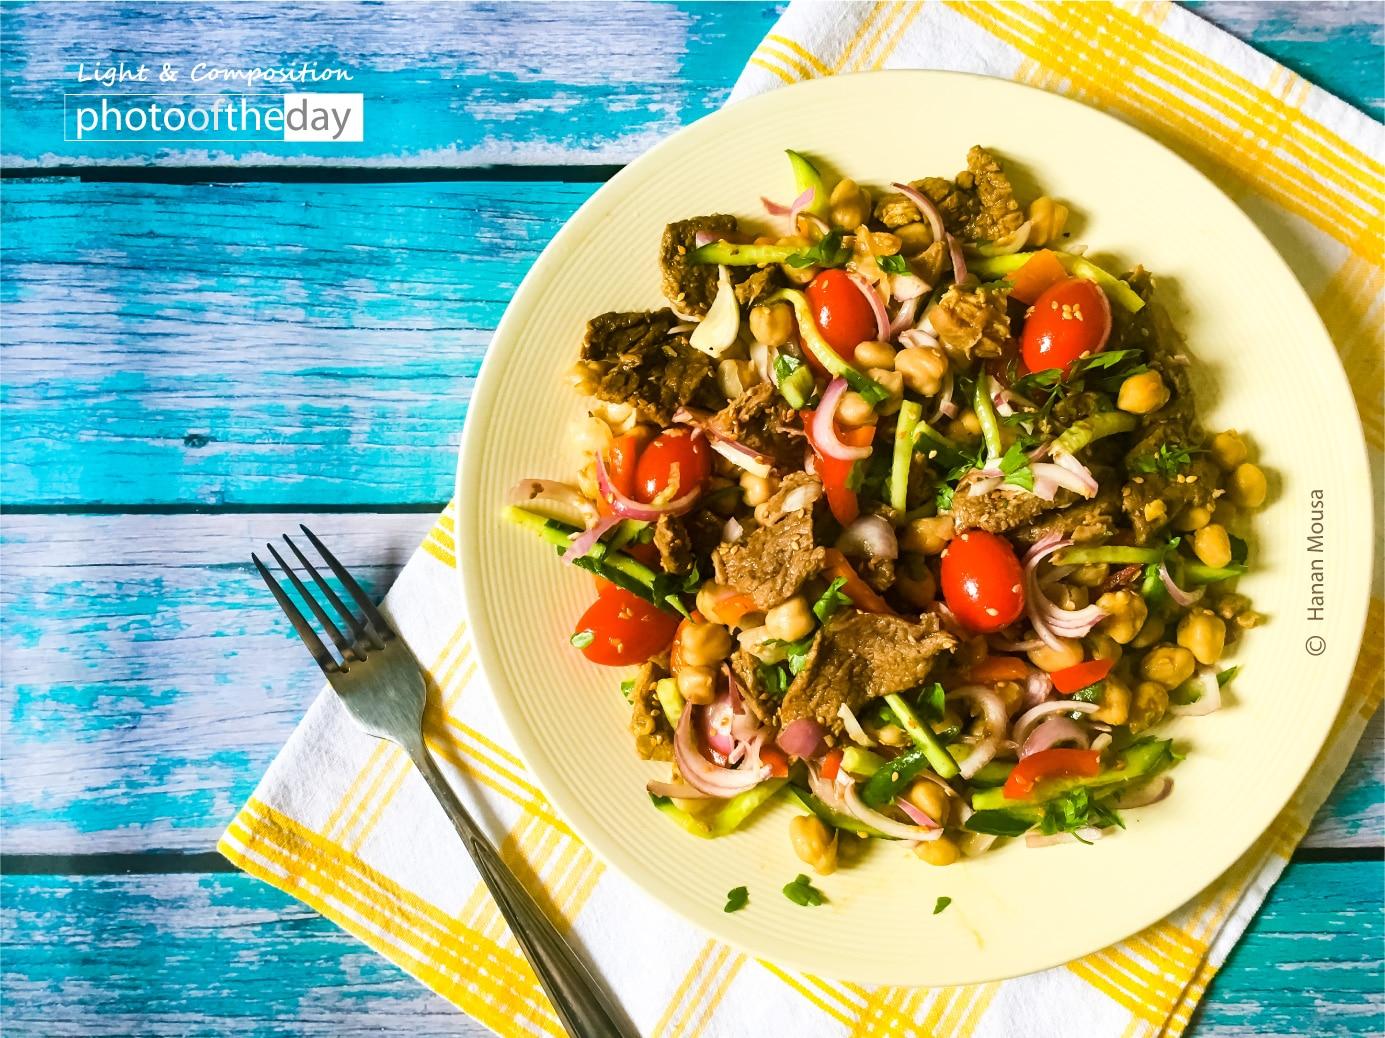 A Delicious Chickpeas Salad by Hanan AboRegela